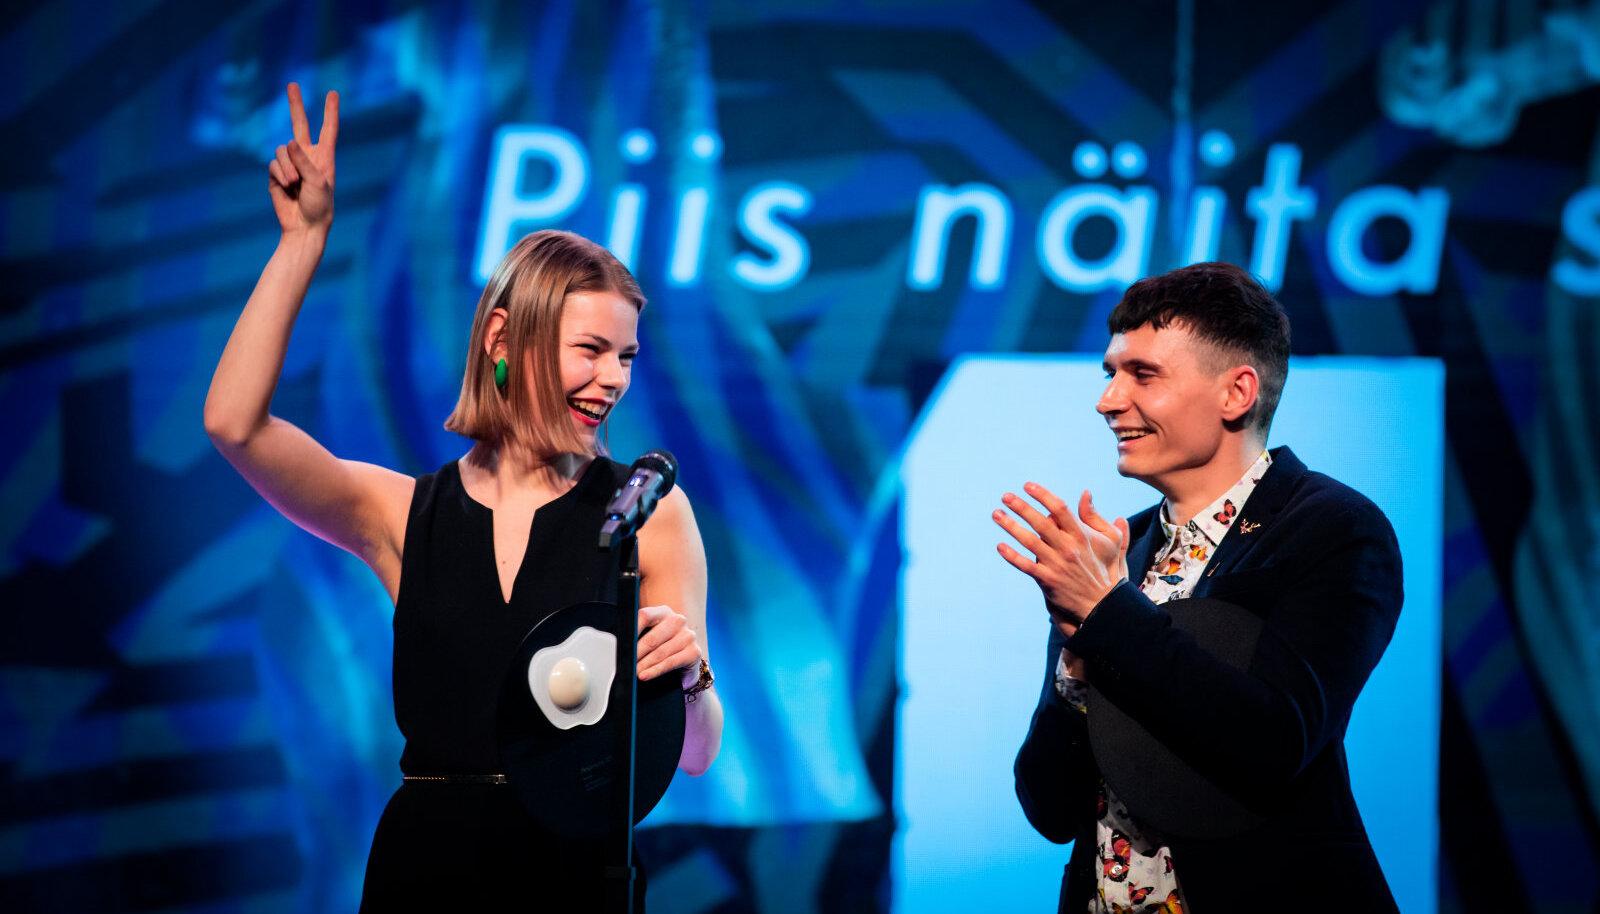 2019 võitjad Daniil Golubev ja Maria Rahamägi. Foto autor: Laura Oks.